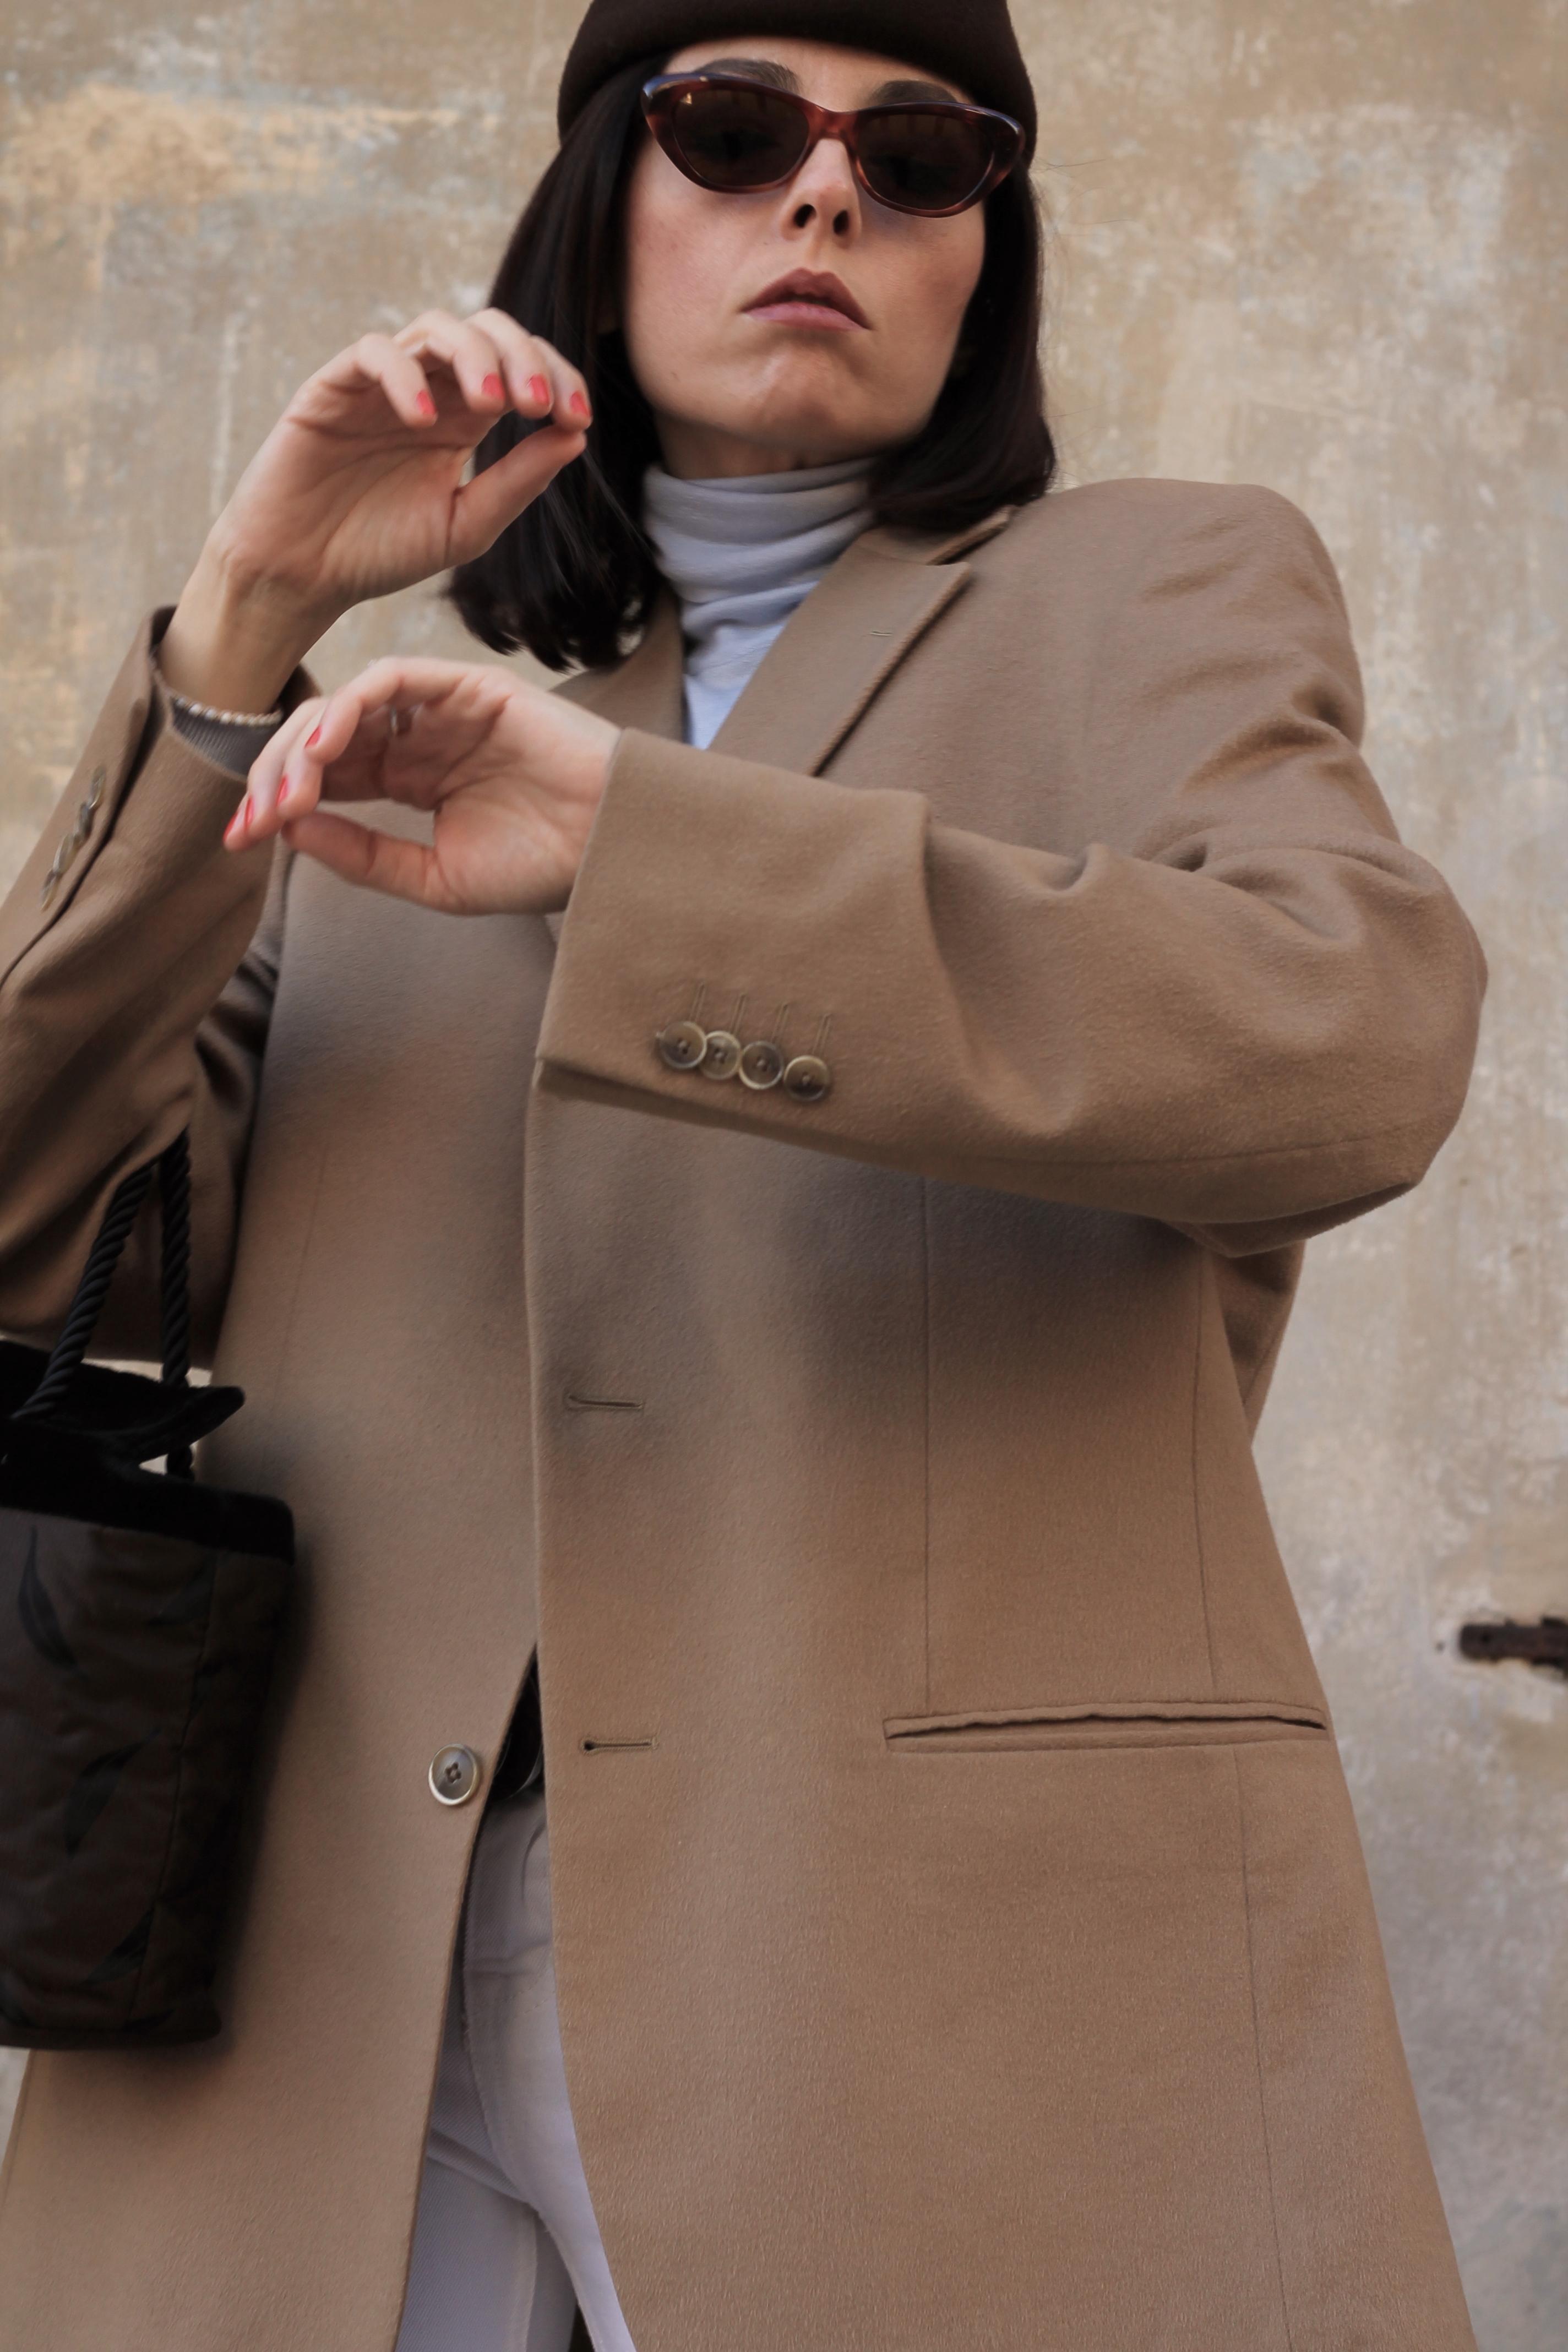 moda 2018, outfit moda 2018, tendenze moda 2018, power suit 2018, come indossare giacca uomo, outfit stile anni 80, blogger moda 2018, blogger moda italiane 2018, fashion blogger italialiane 2018, blogger milano 2018, elisa bellino, cintura gucci vintage, occhiali anni 80, come vestirsi anni 80